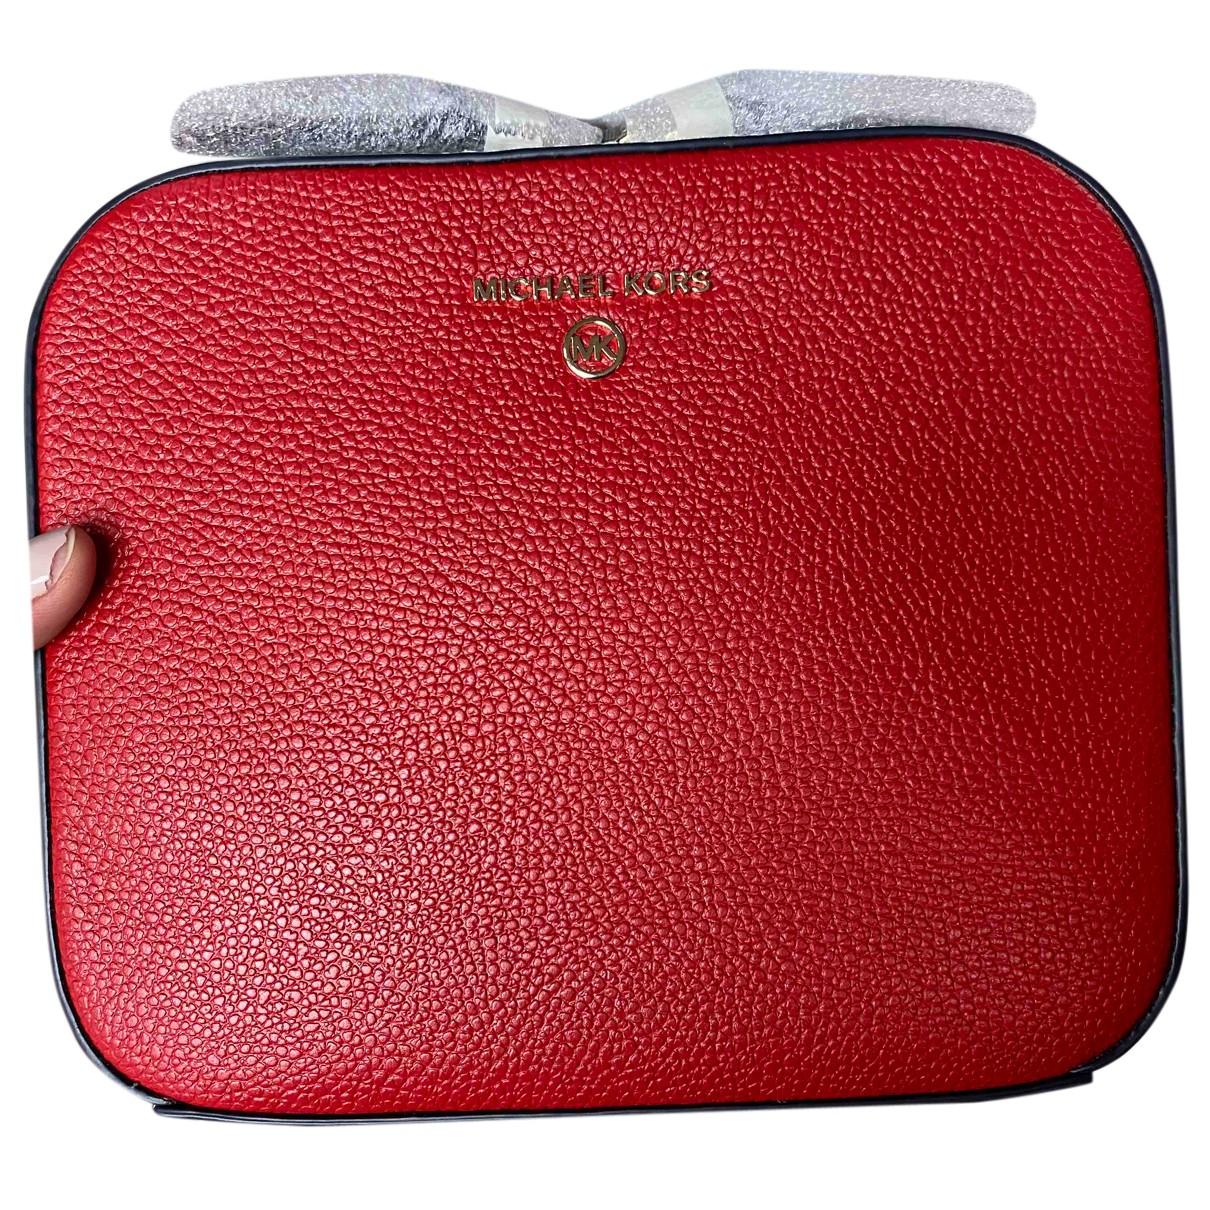 Michael Kors - Sac a main Jet Set pour femme en cuir - rouge